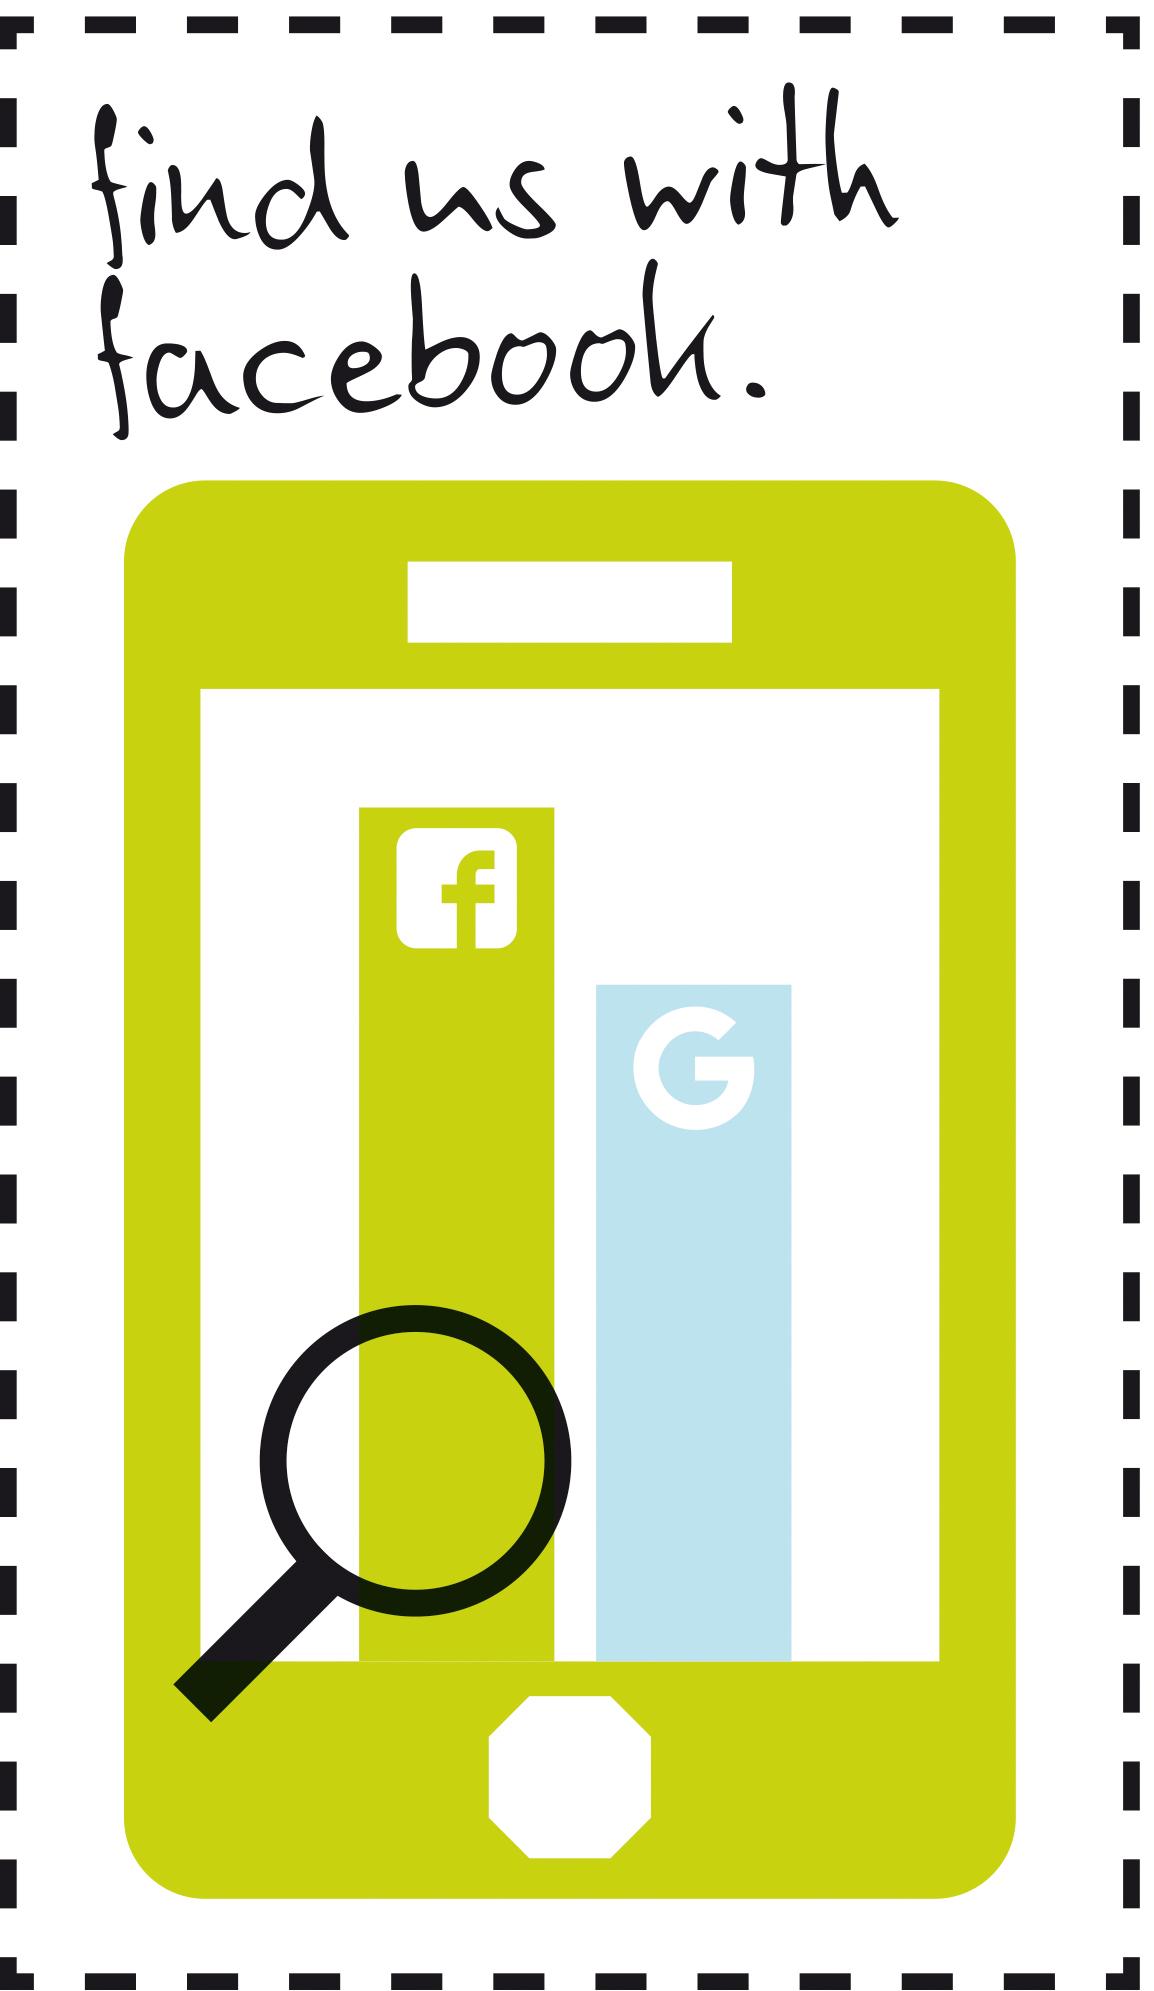 Facebook vor Google: Statistik-Illustration